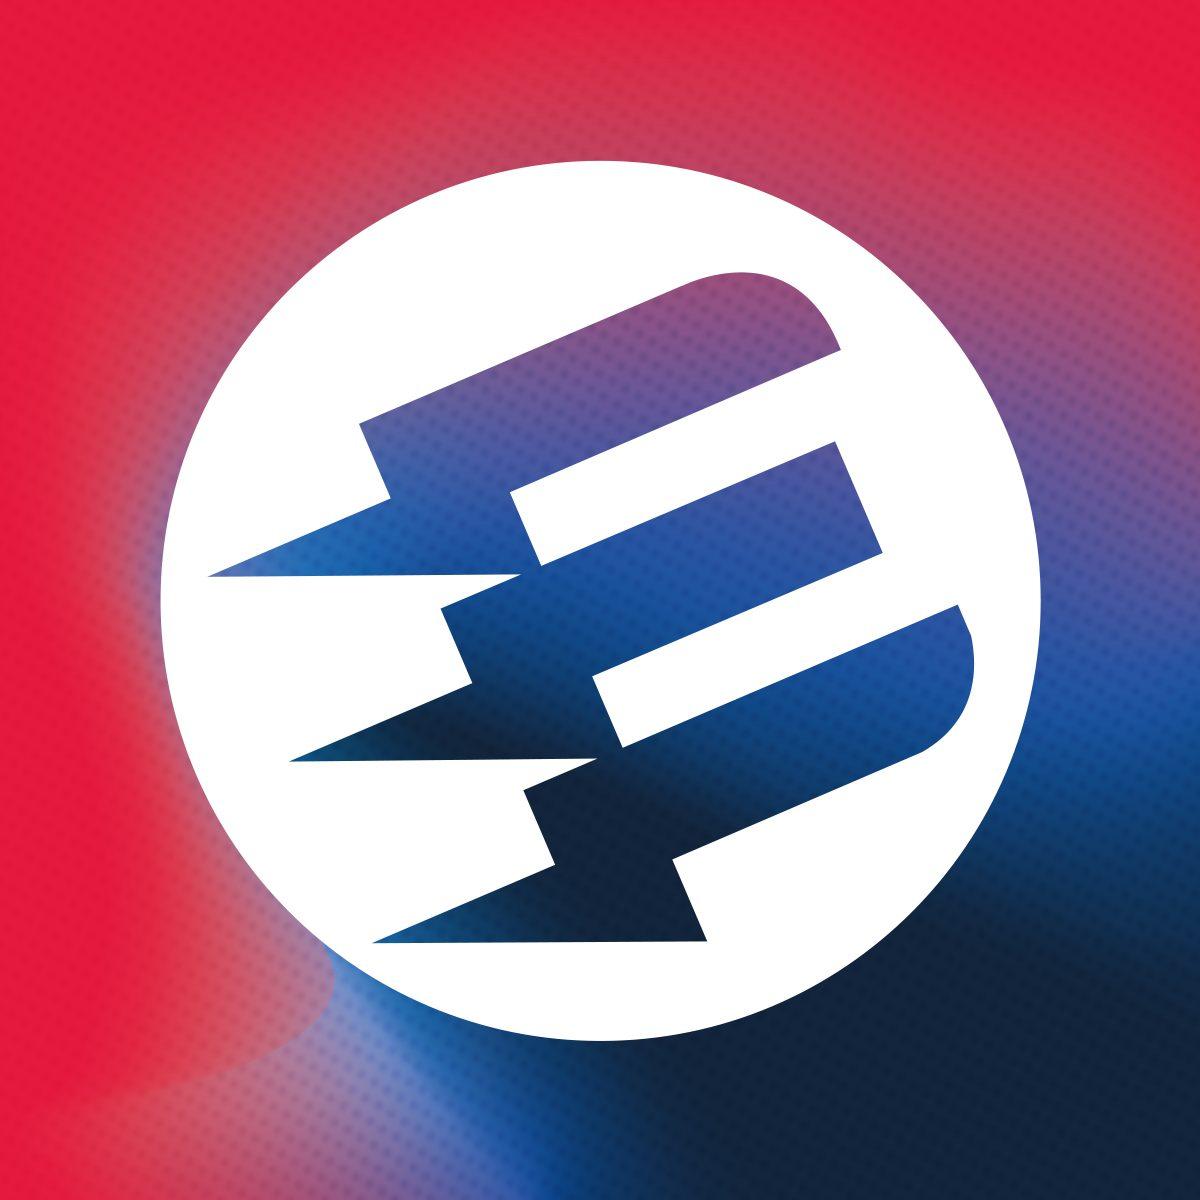 Electrisize logo 2019